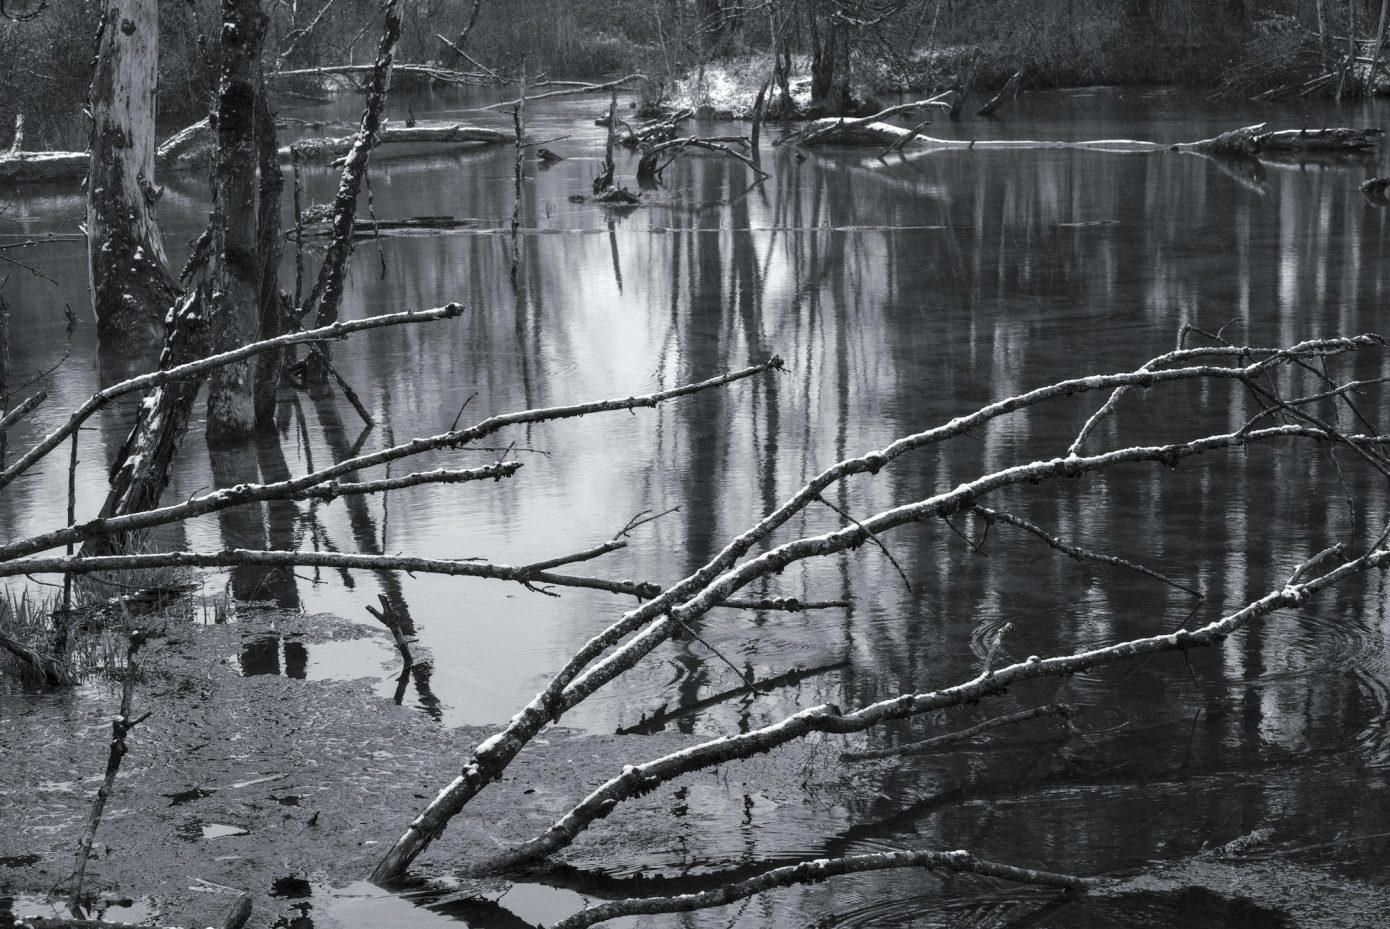 Swamp_white_highlighted.jpg